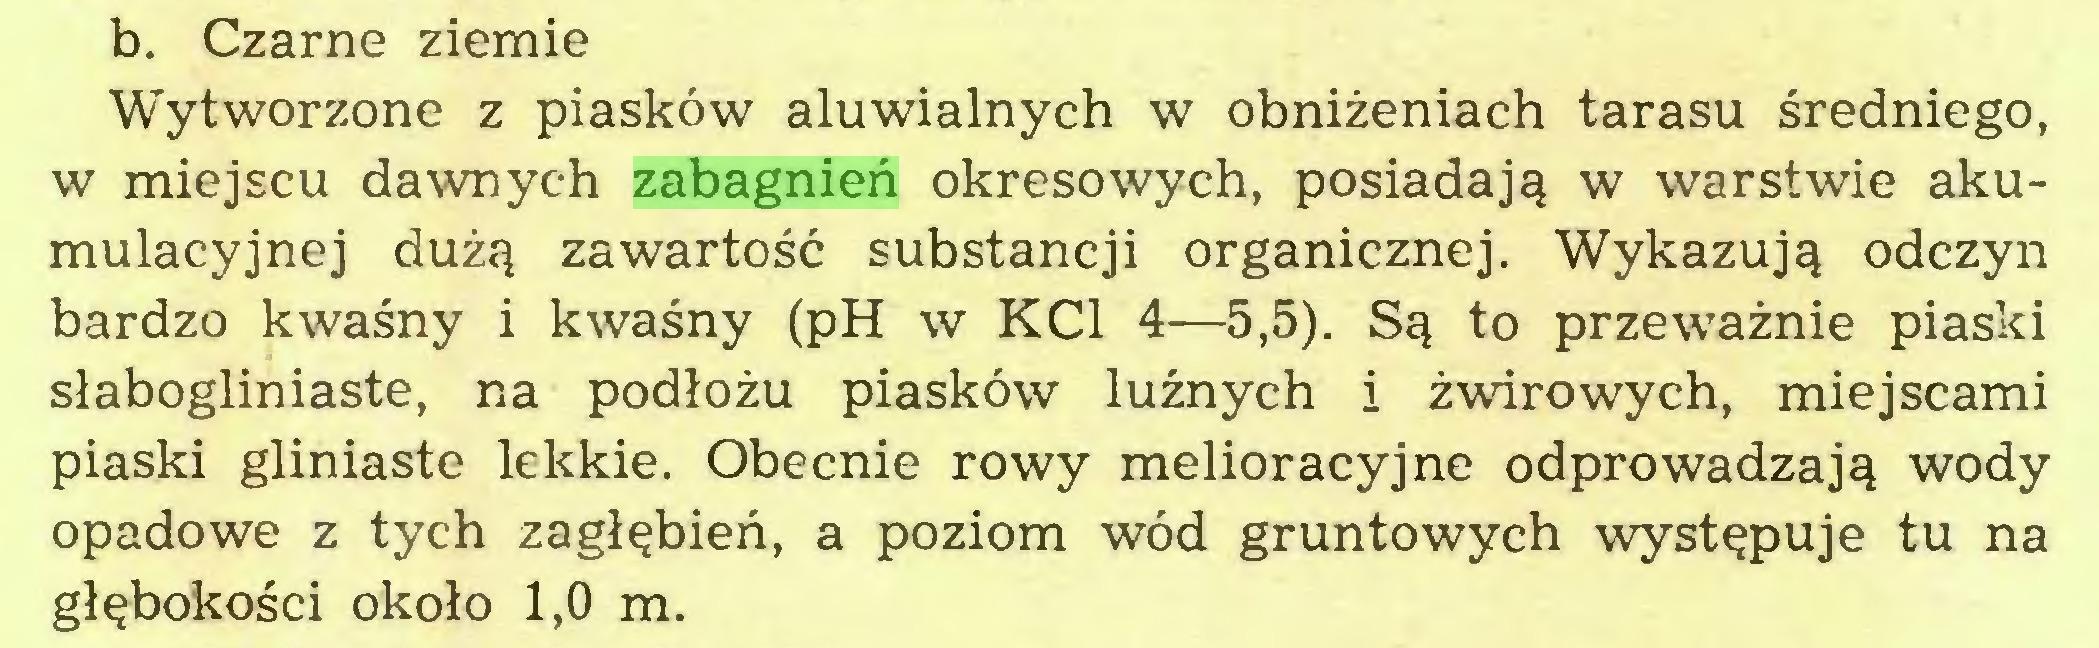 (...) b. Czarne ziemie Wytworzone z piasków aluwialnych w obniżeniach tarasu średniego, w miejscu dawnych zabagnień okresowych, posiadają w warstwie akumulacyjnej dużą zawartość substancji organicznej. Wykazują odczyn bardzo kwaśny i kwaśny (pH w KC1 4—5,5). Są to przeważnie piaski słabogliniaste, na podłożu piasków luźnych i żwirowych, miejscami piaski gliniaste lekkie. Obecnie rowy melioracyjne odprowadzają wody opadowe z tych zagłębień, a poziom wód gruntowych występuje tu na głębokości około 1,0 m...